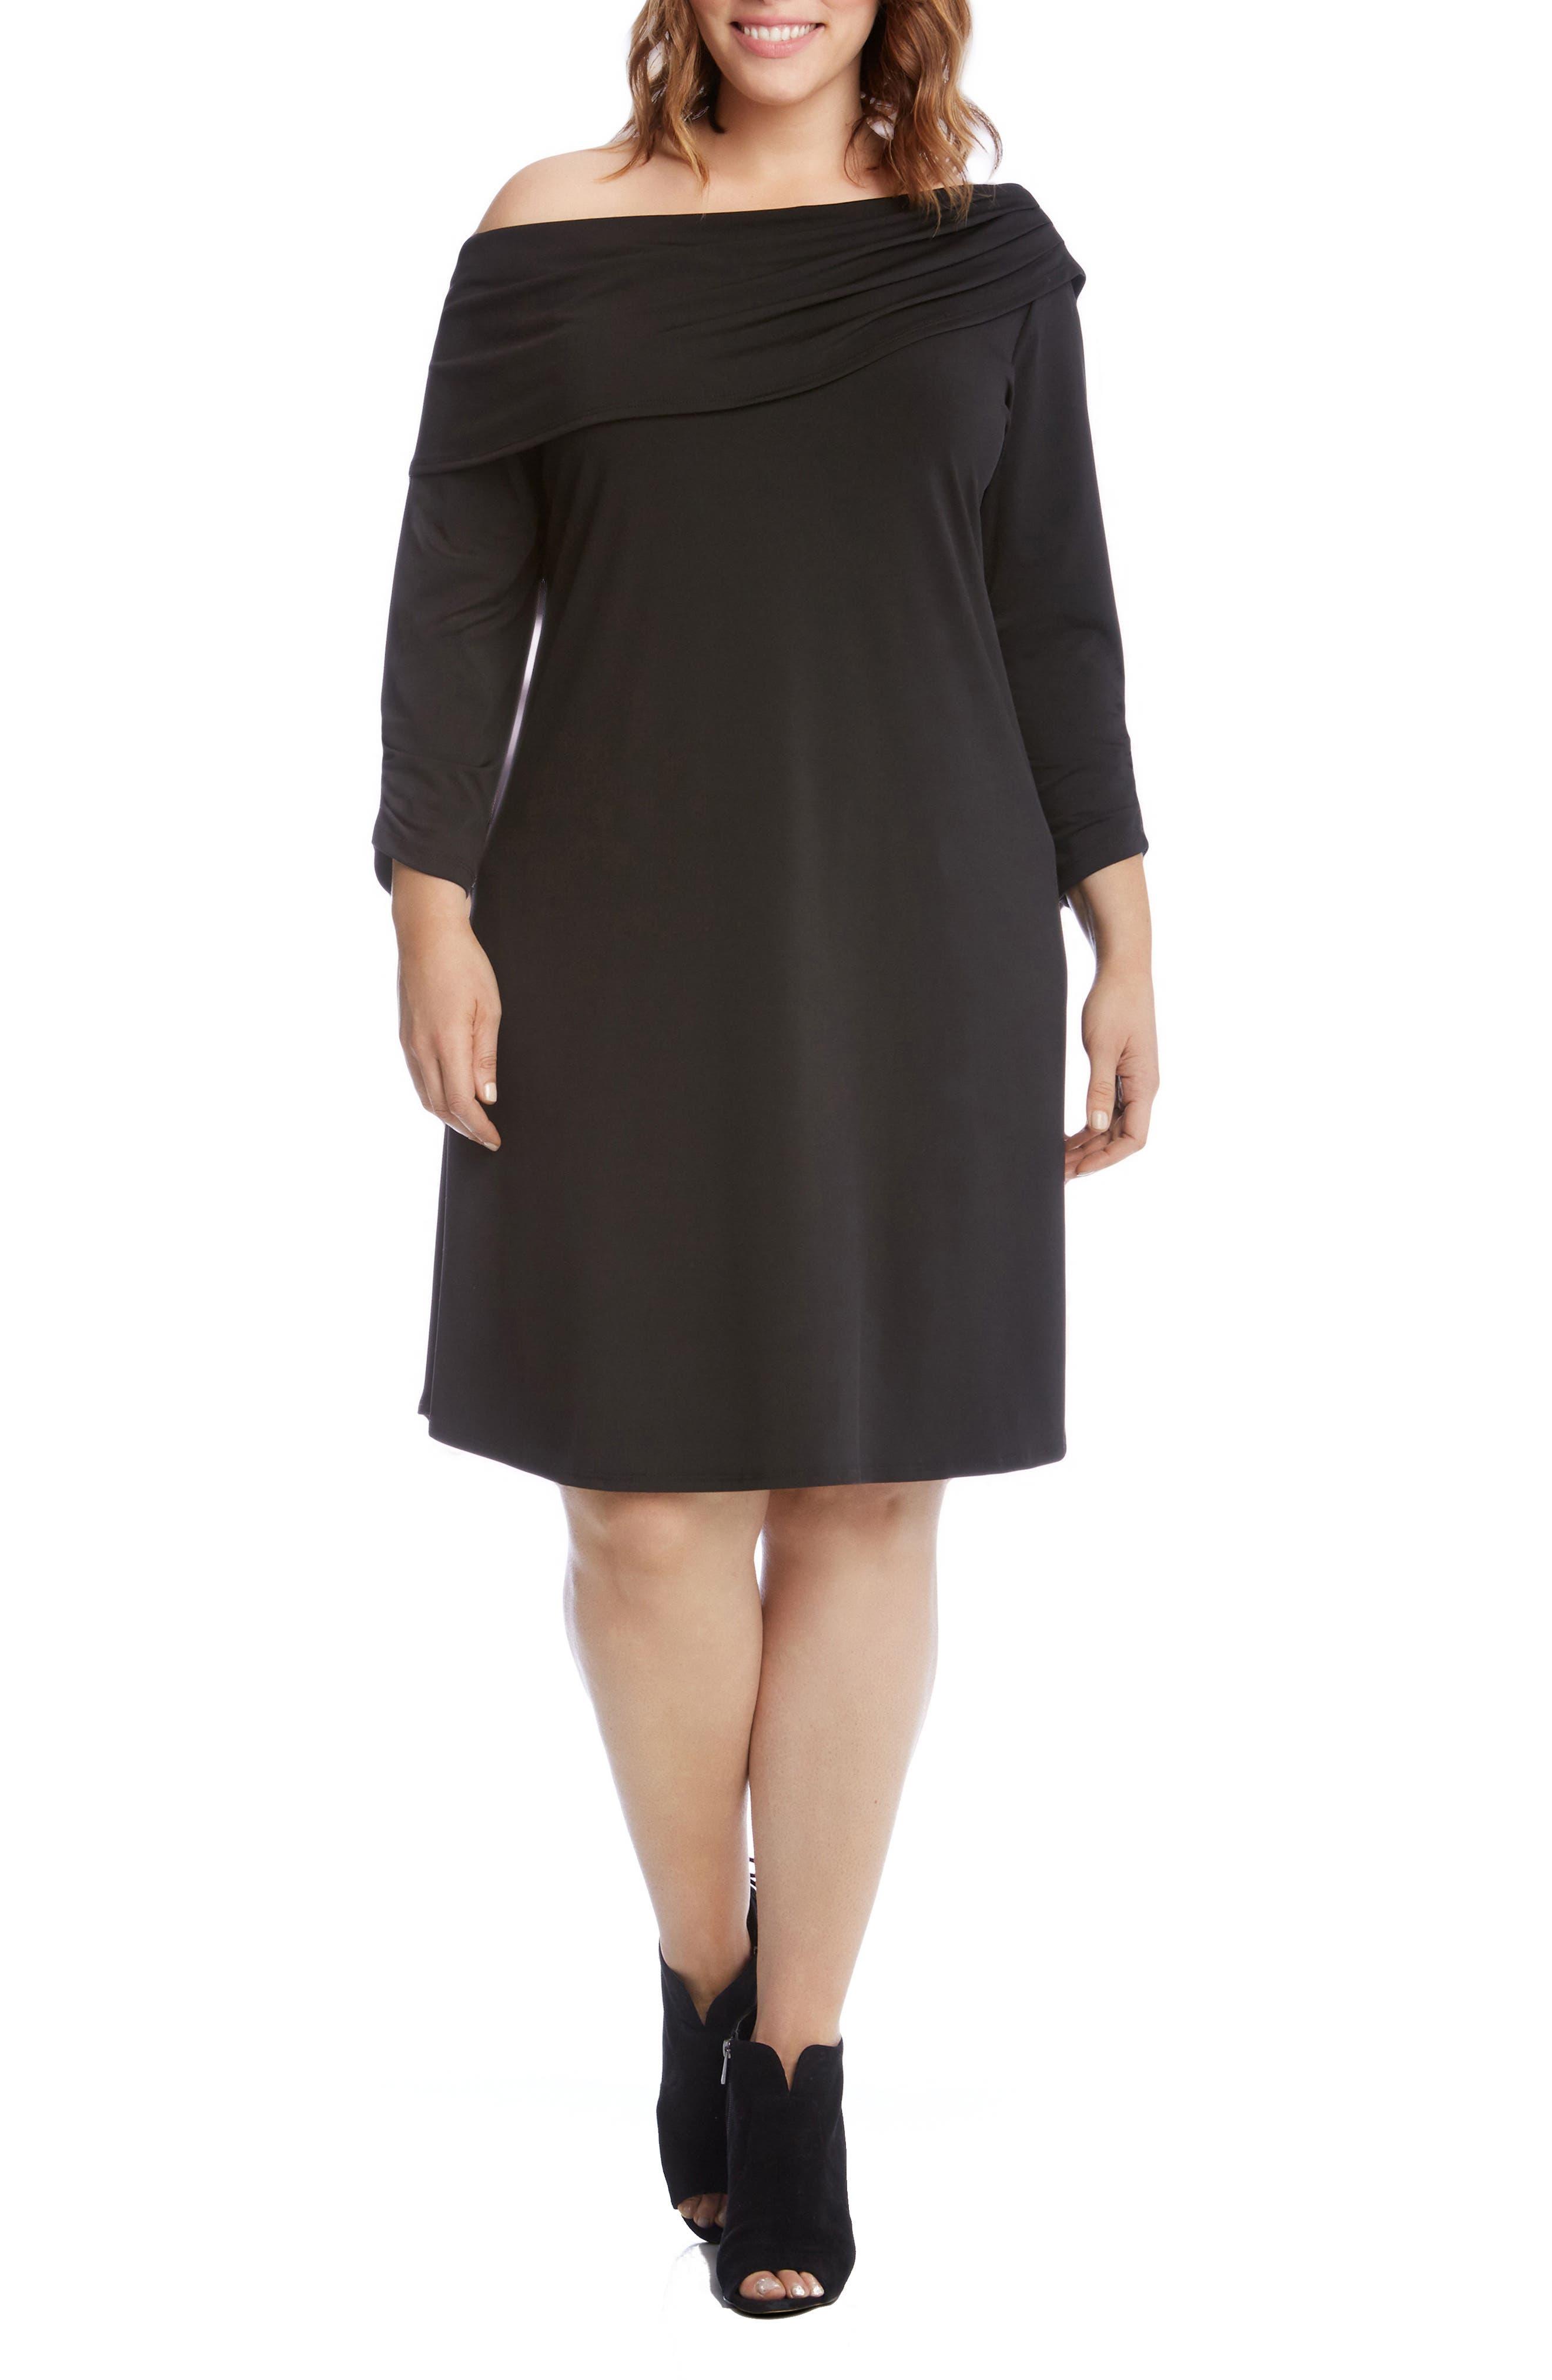 Main Image - Karen Kane Draped Boat Neck Dress (Plus Size)